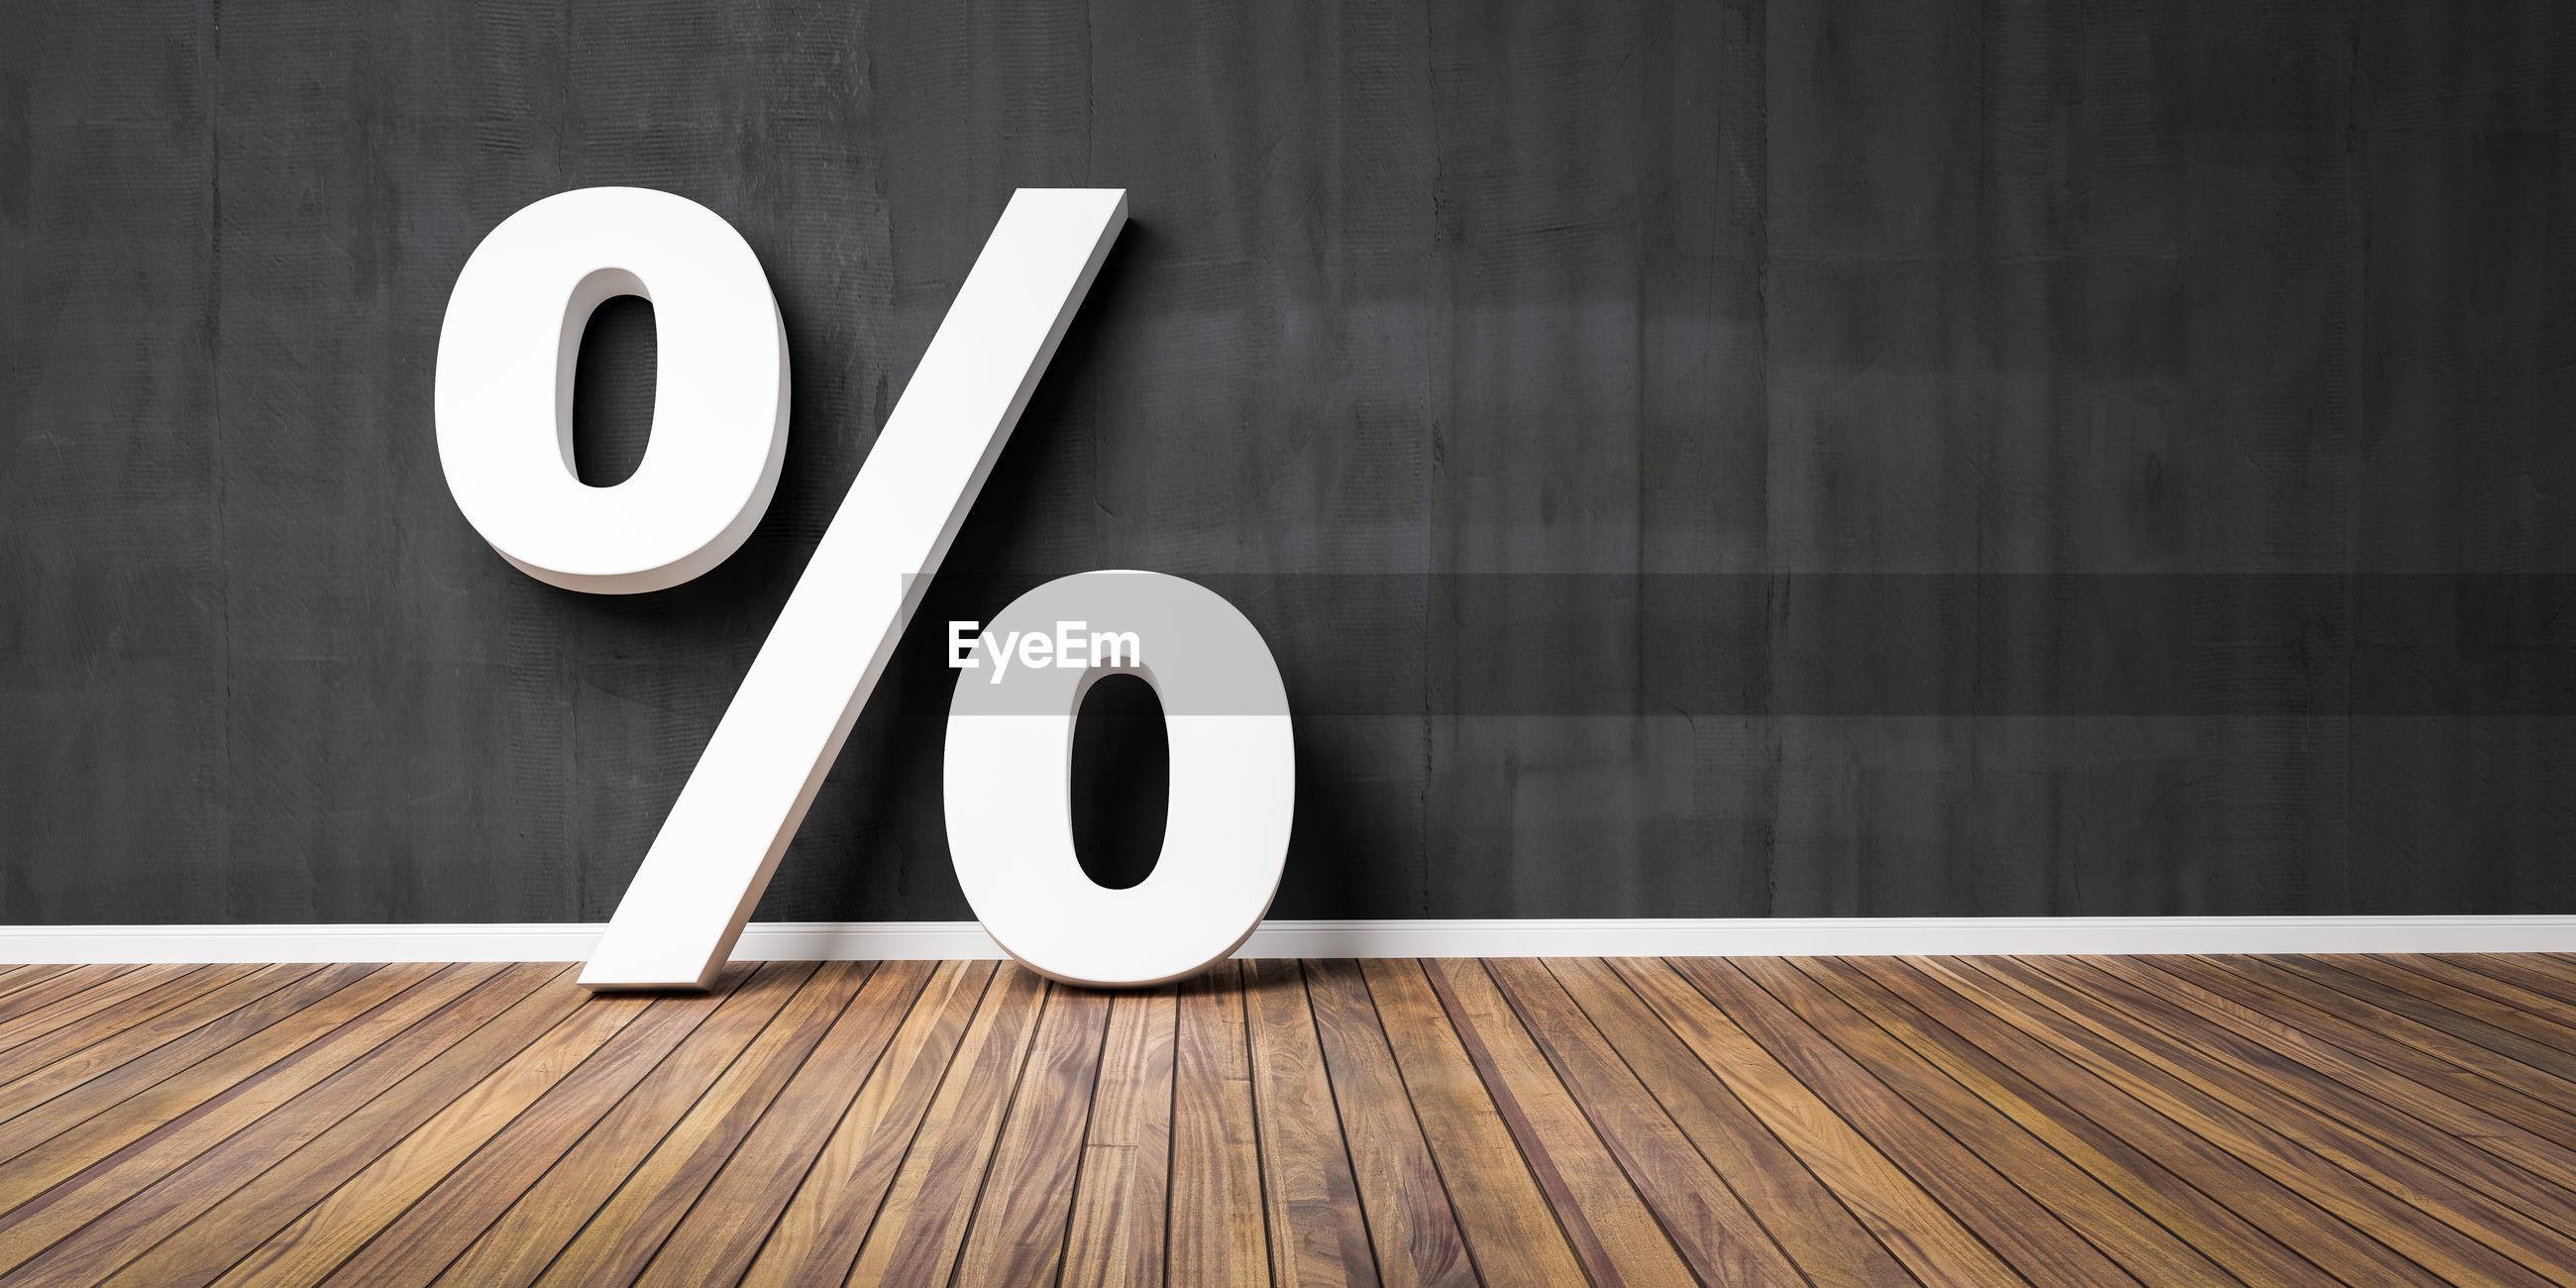 Large percentage sign on hardwood floor